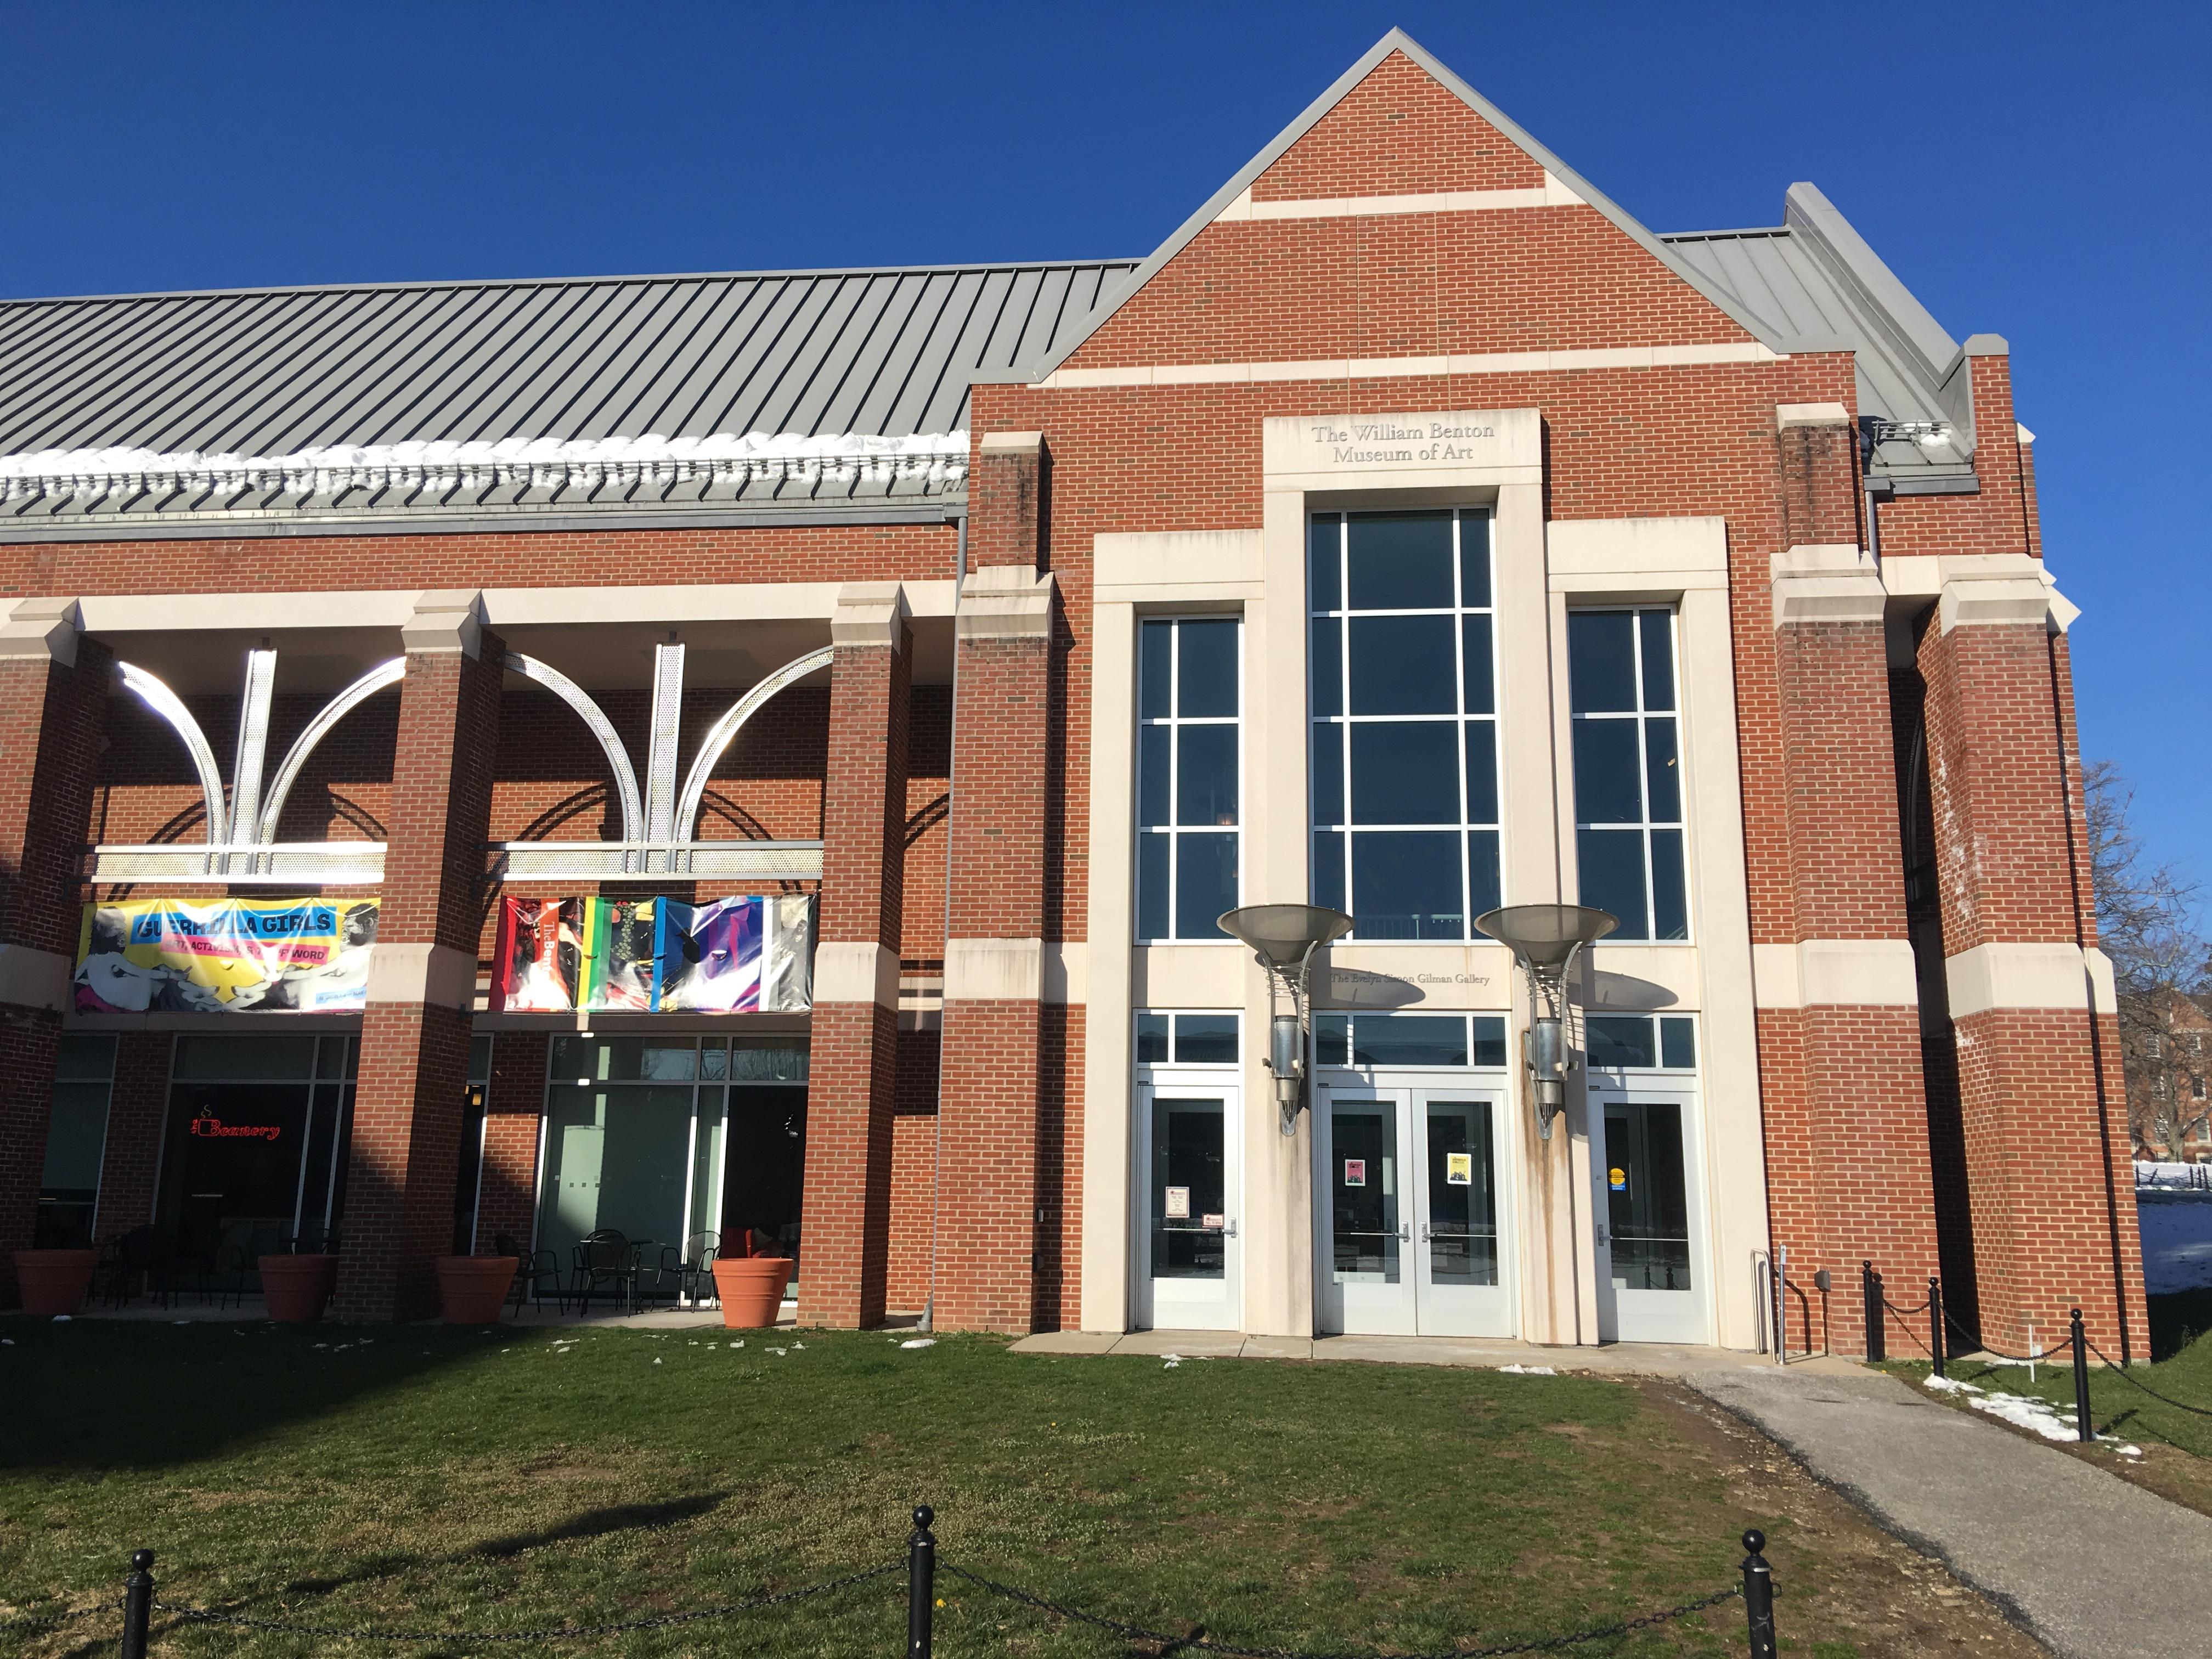 William Benton Museum Of Art